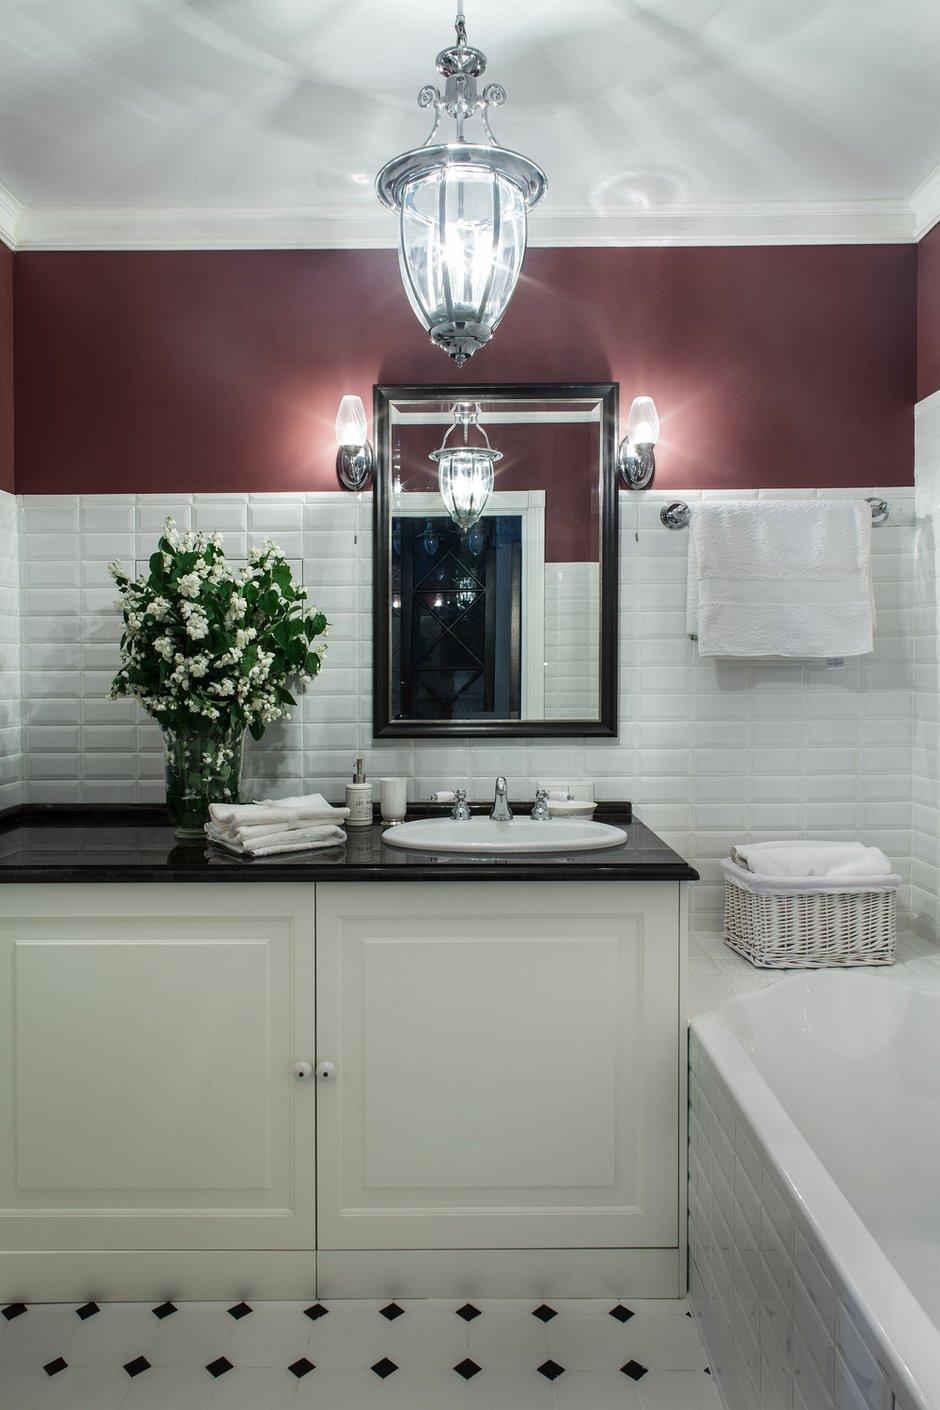 Фотография: Ванная в стиле Современный, Декор интерьера, Квартира, Дома и квартиры, Прованс – фото на INMYROOM